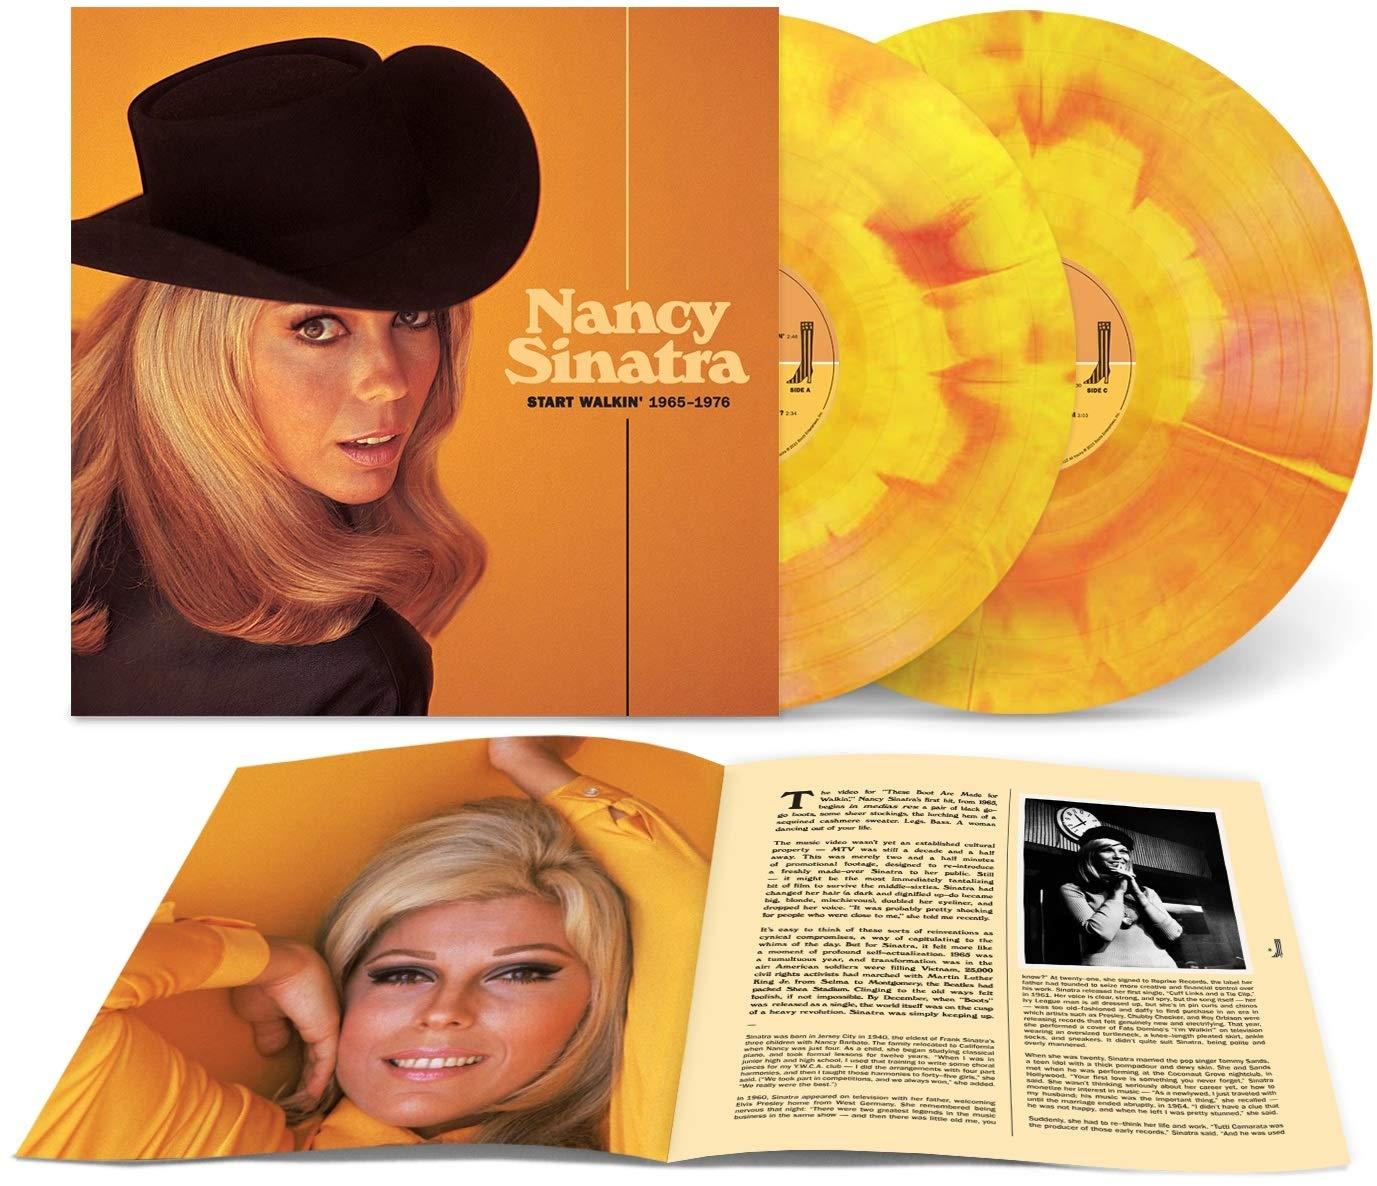 Nancy Sinatra Start Walkin' 1965-1976 - Colored Vinyl [SORTIE]